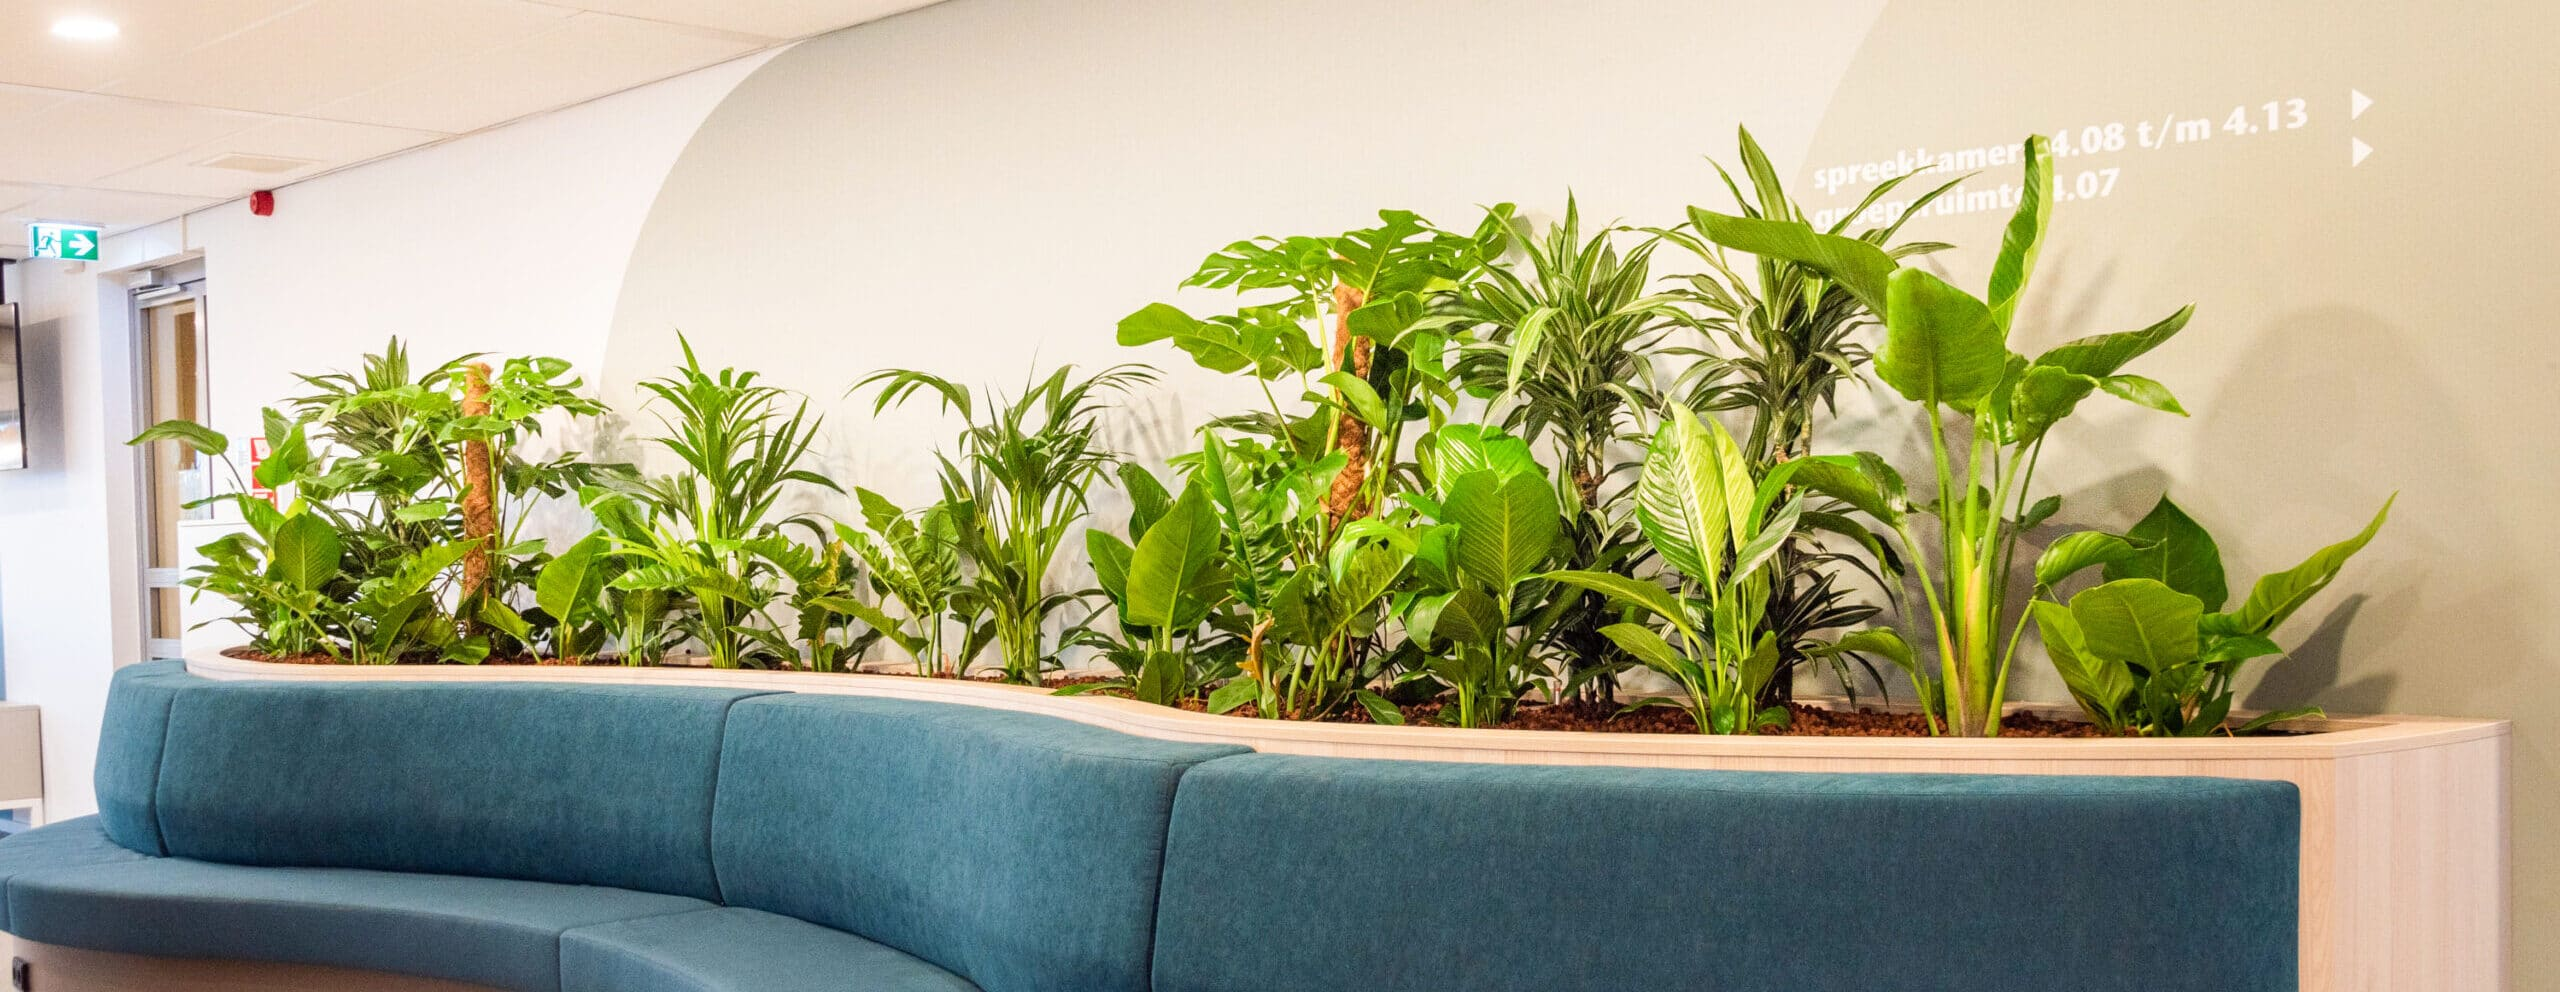 Luchtzuiverende planten bij zorginstelling Arkin